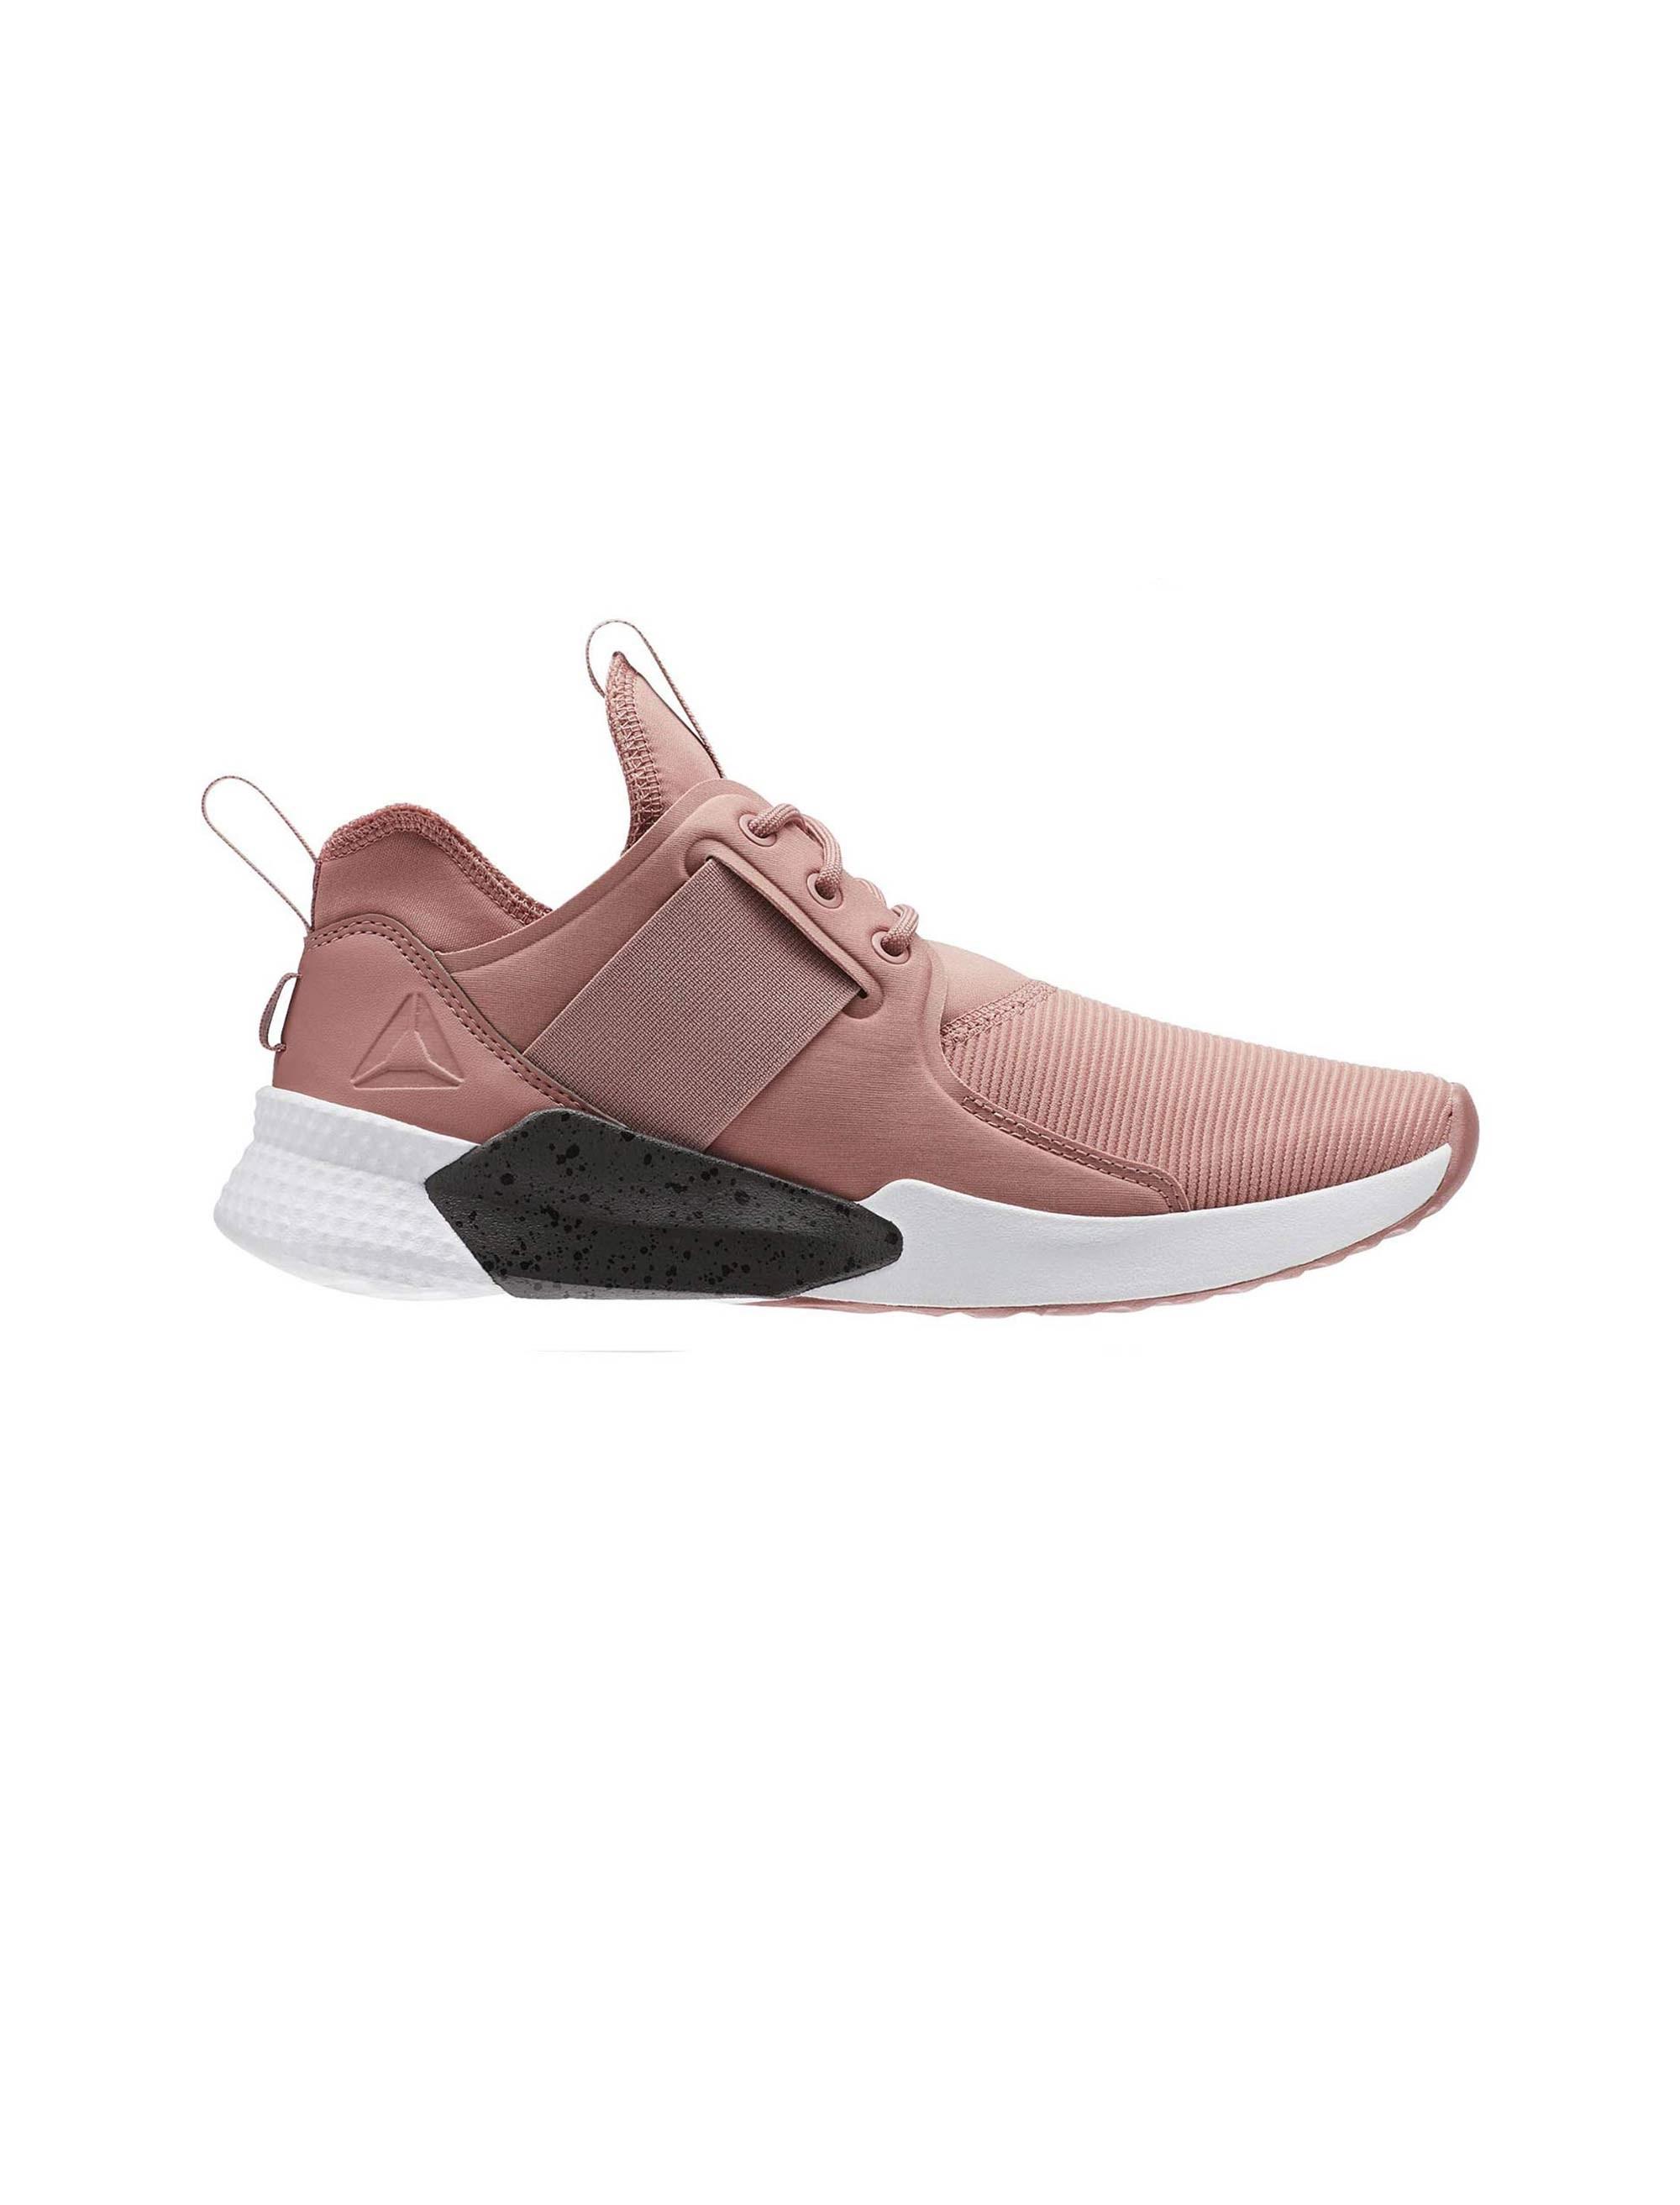 کفش مخصوص پیاده روی زنانه ریباک مدل Guresu 1-0